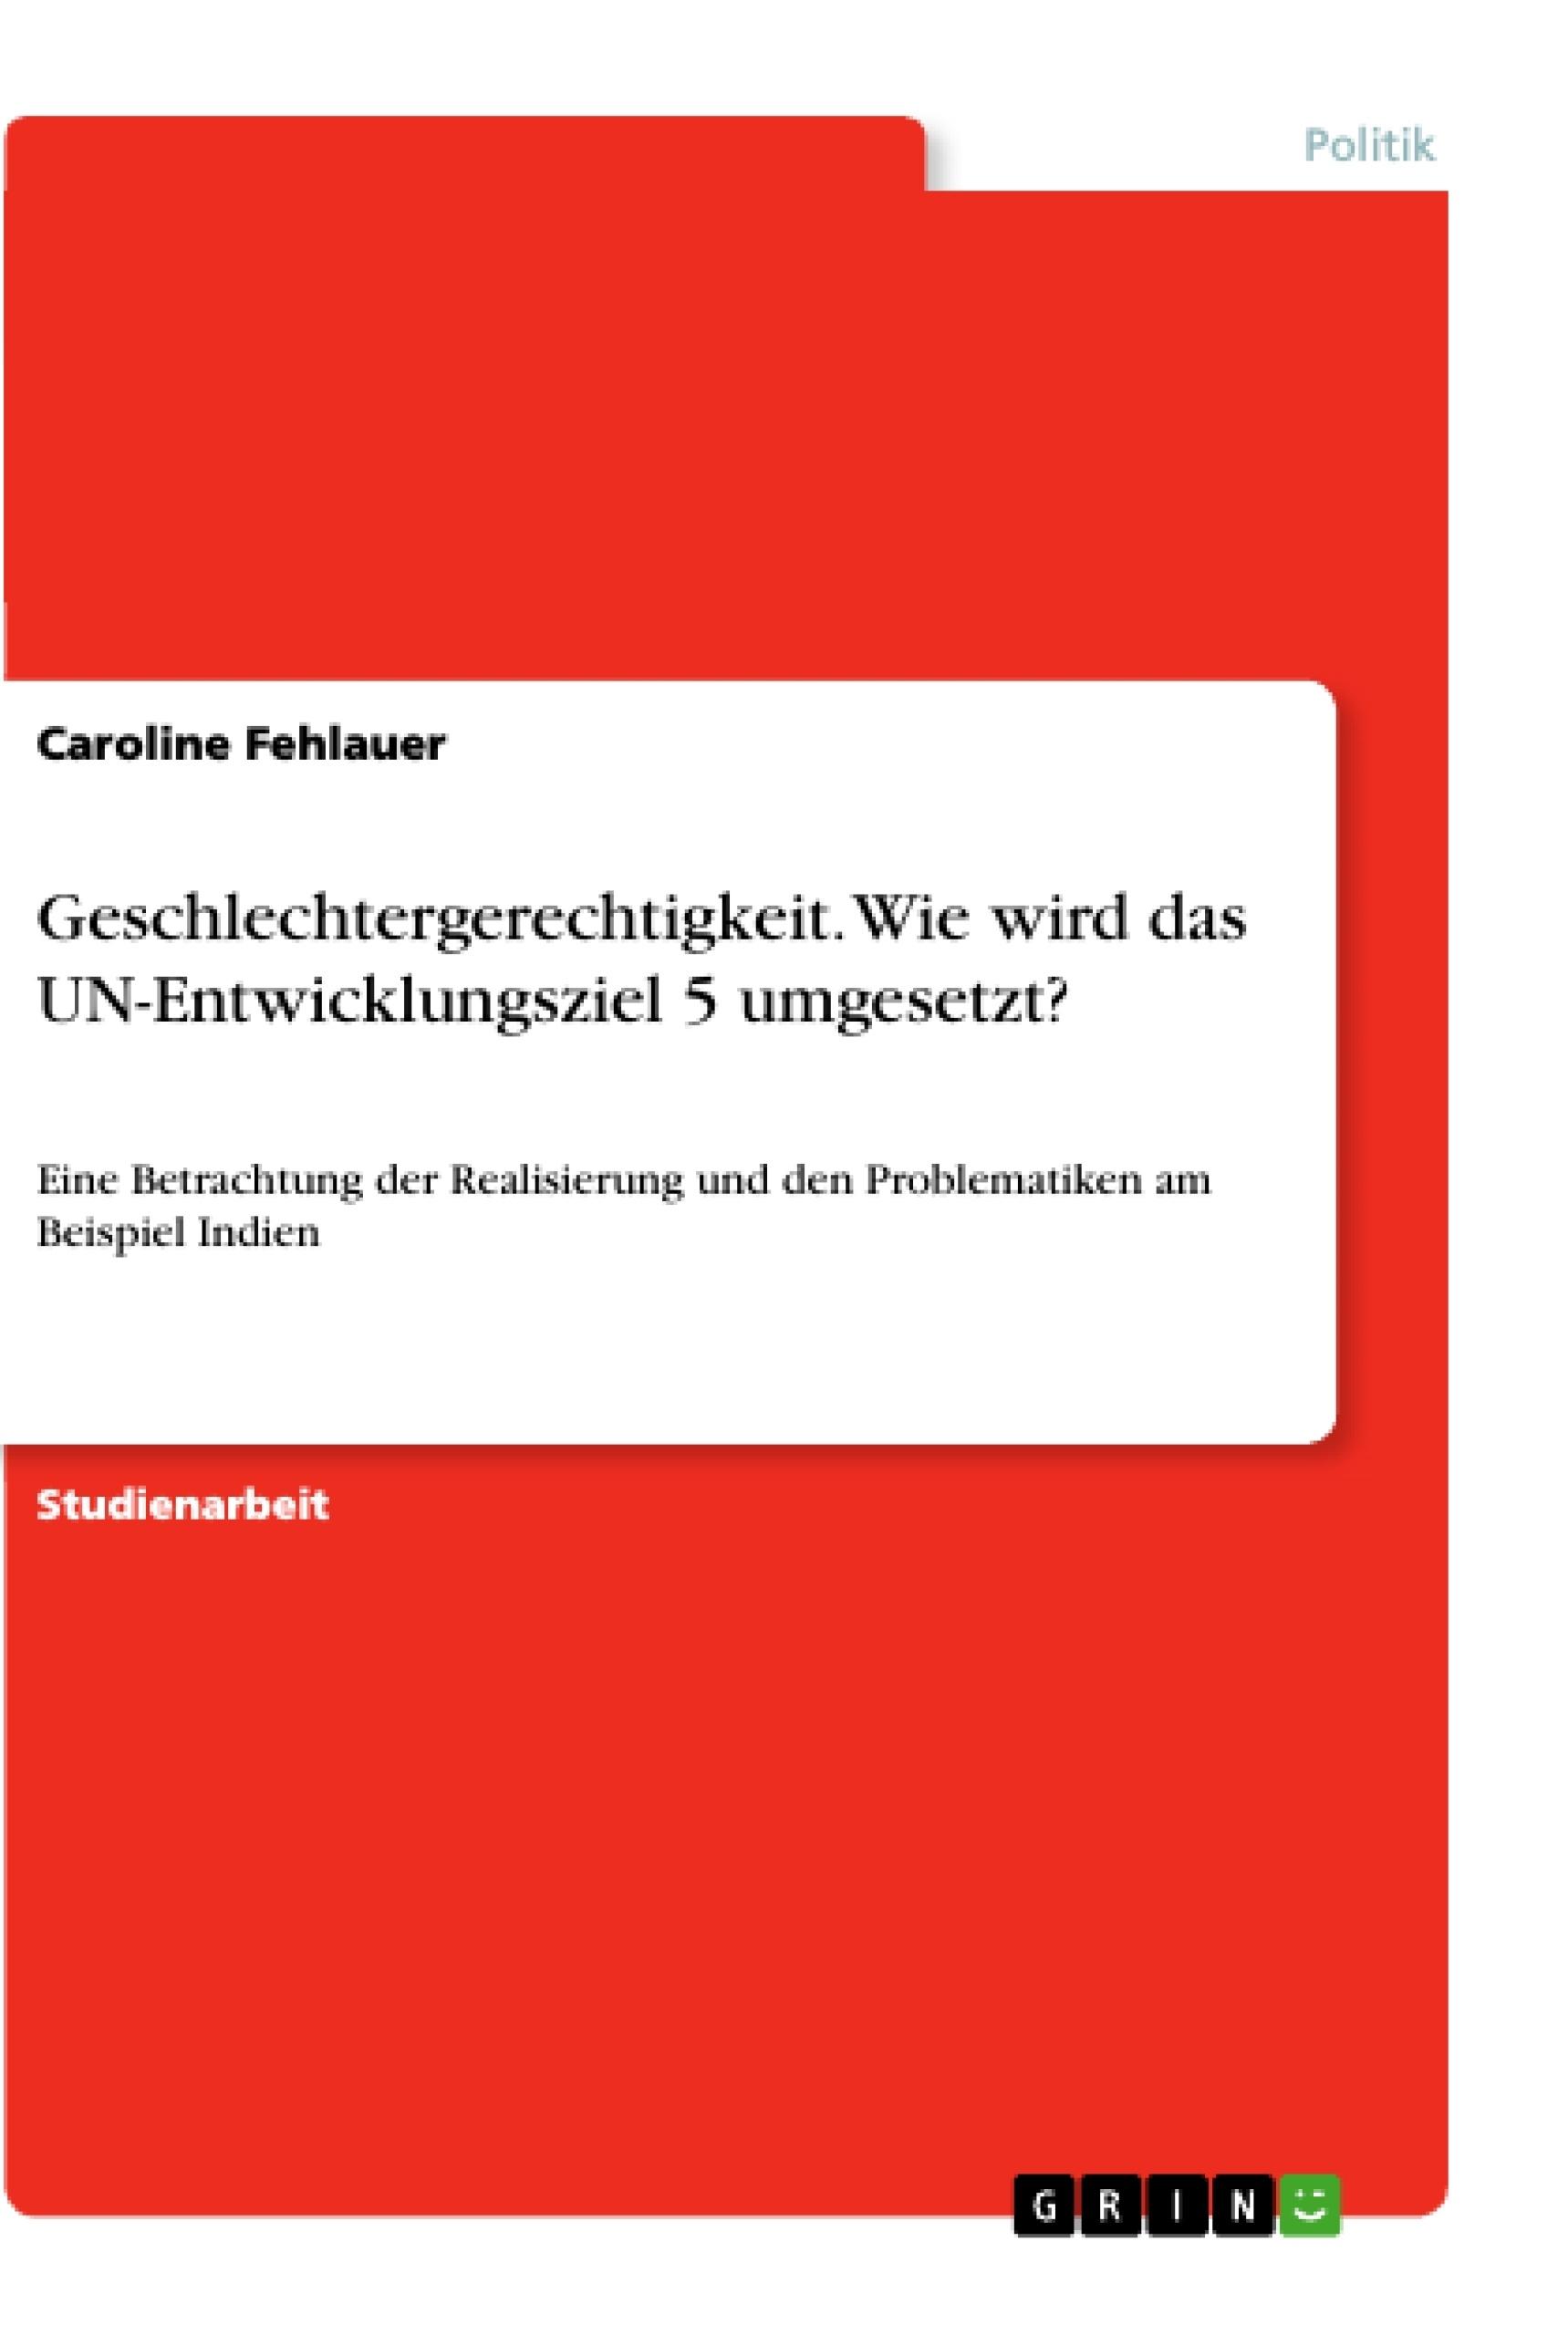 Titel: Geschlechtergerechtigkeit. Wie wird das UN-Entwicklungsziel 5 umgesetzt?